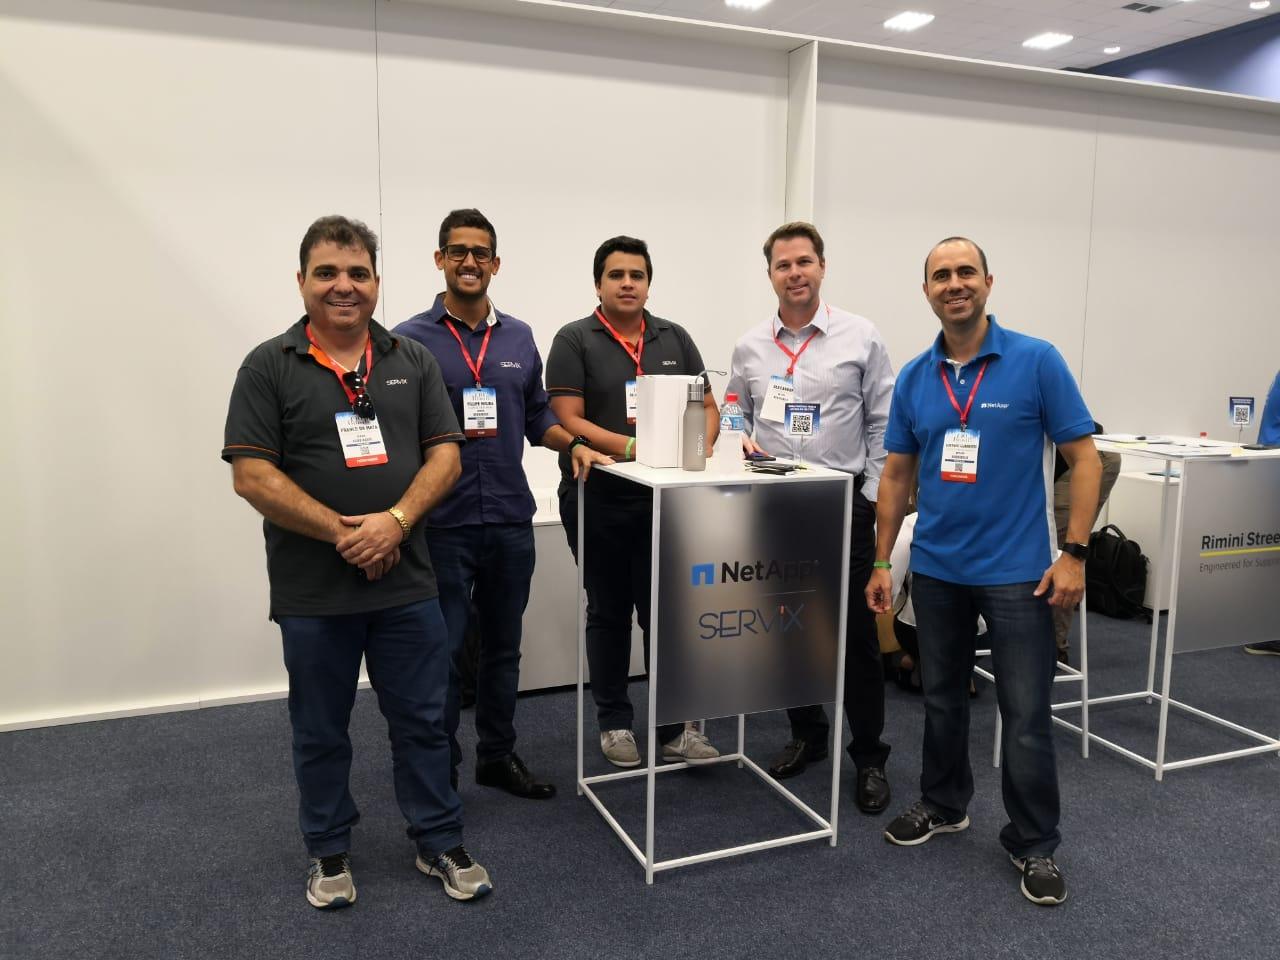 Servix participa da 17ª edição do CIO Brasil GOV em Florianópolis